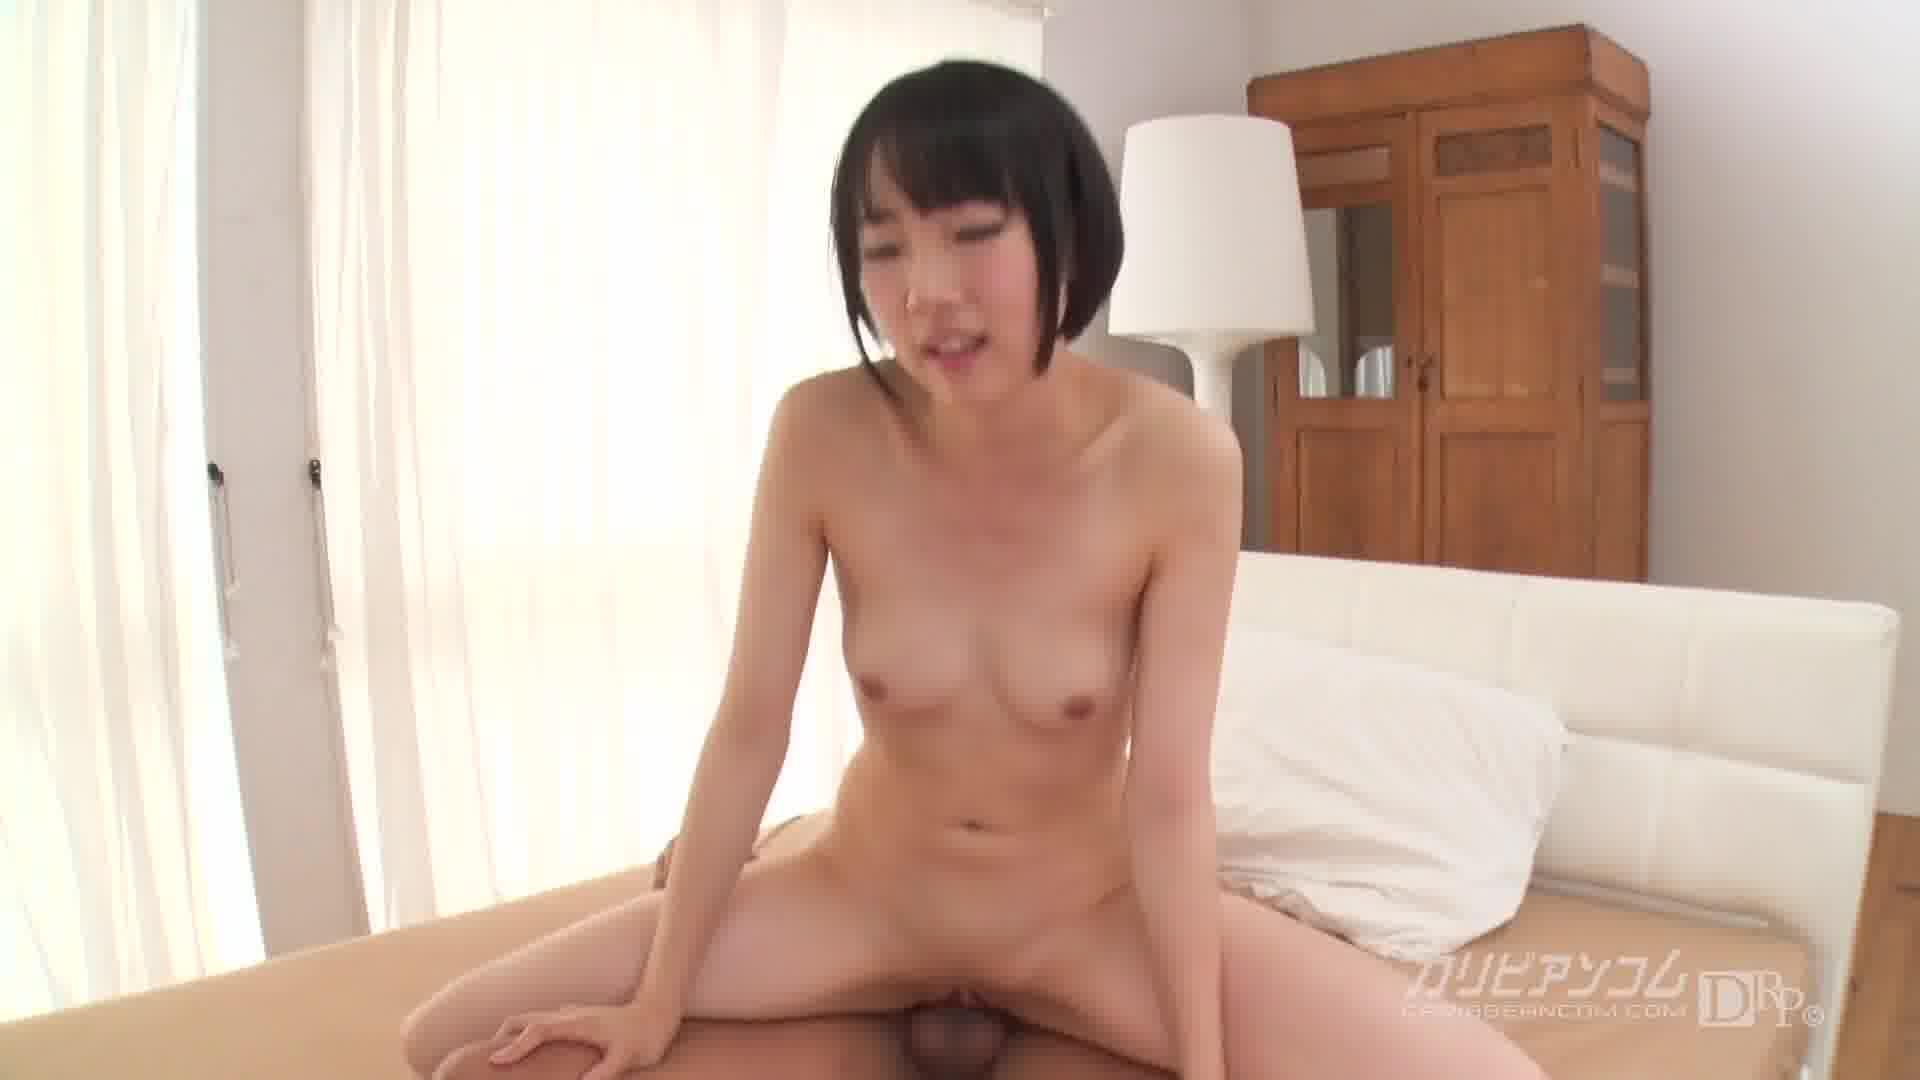 あまえんぼう Vol.31 - 碧木凛【潮吹き・パイパン・オナニー】